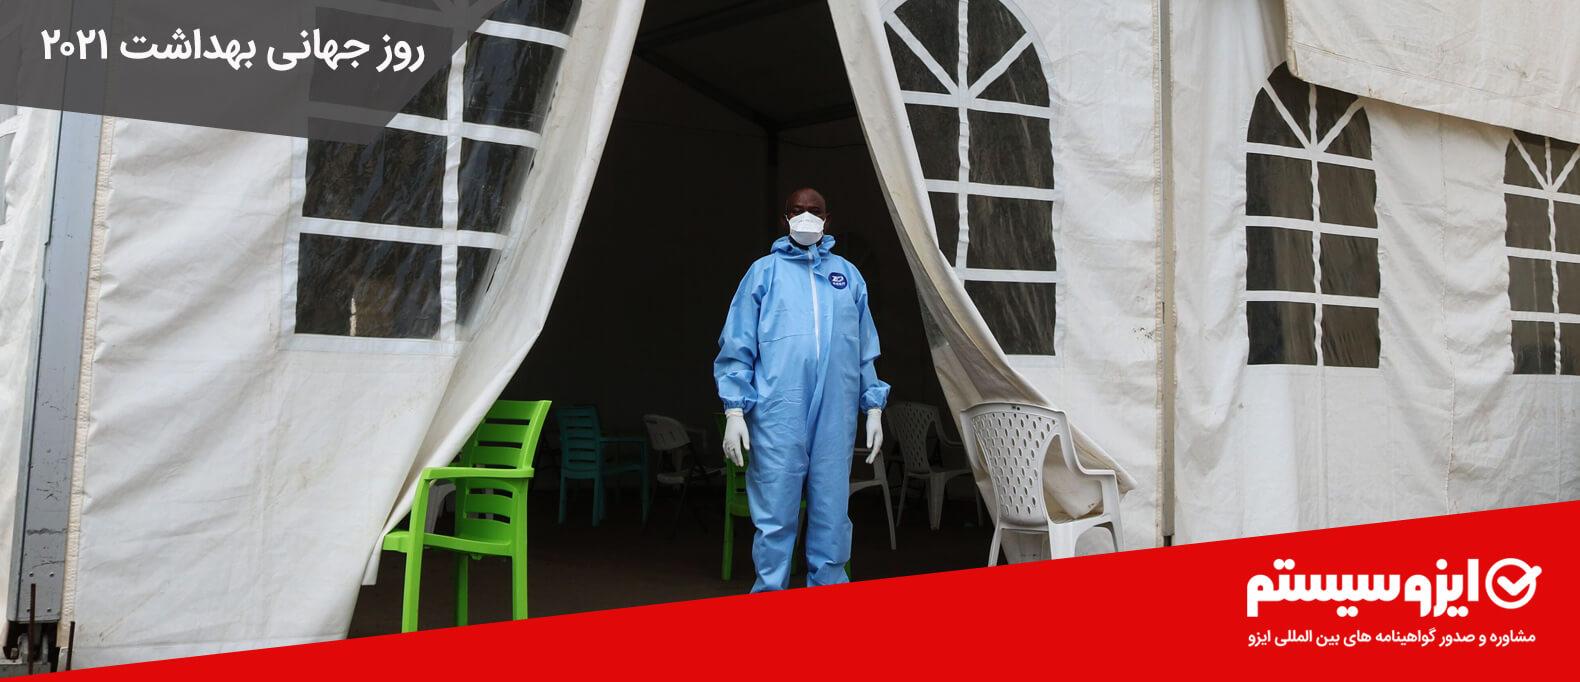 روز جهانی بهداشت 2021 - بیماری کرونا